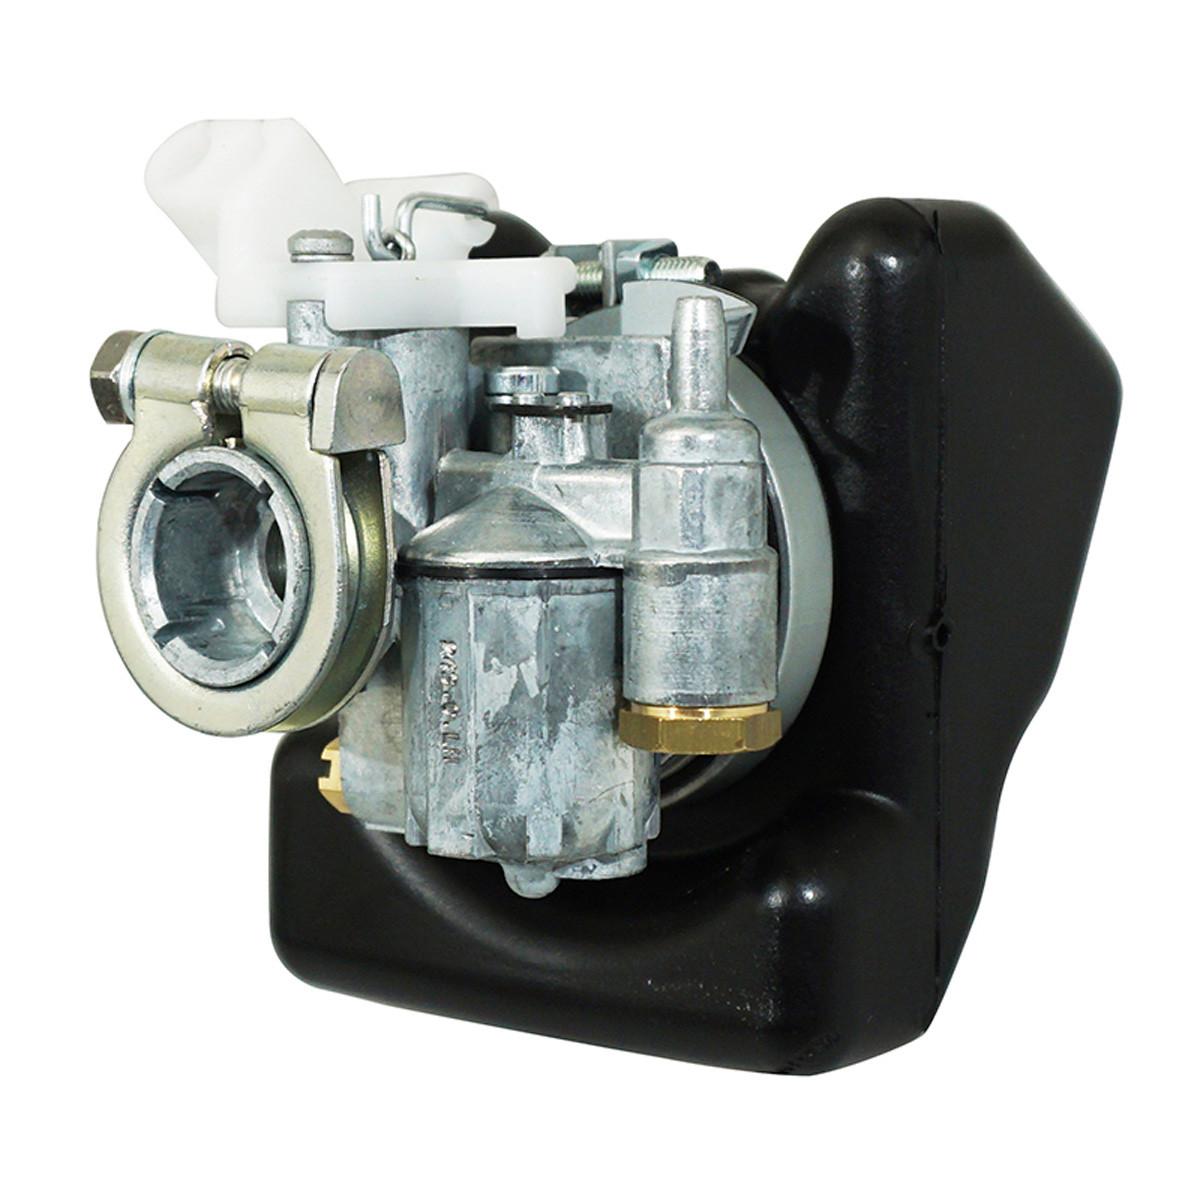 Carburateur PEUGEOT 103 Z VOGUE - GURTNER D-12G 243